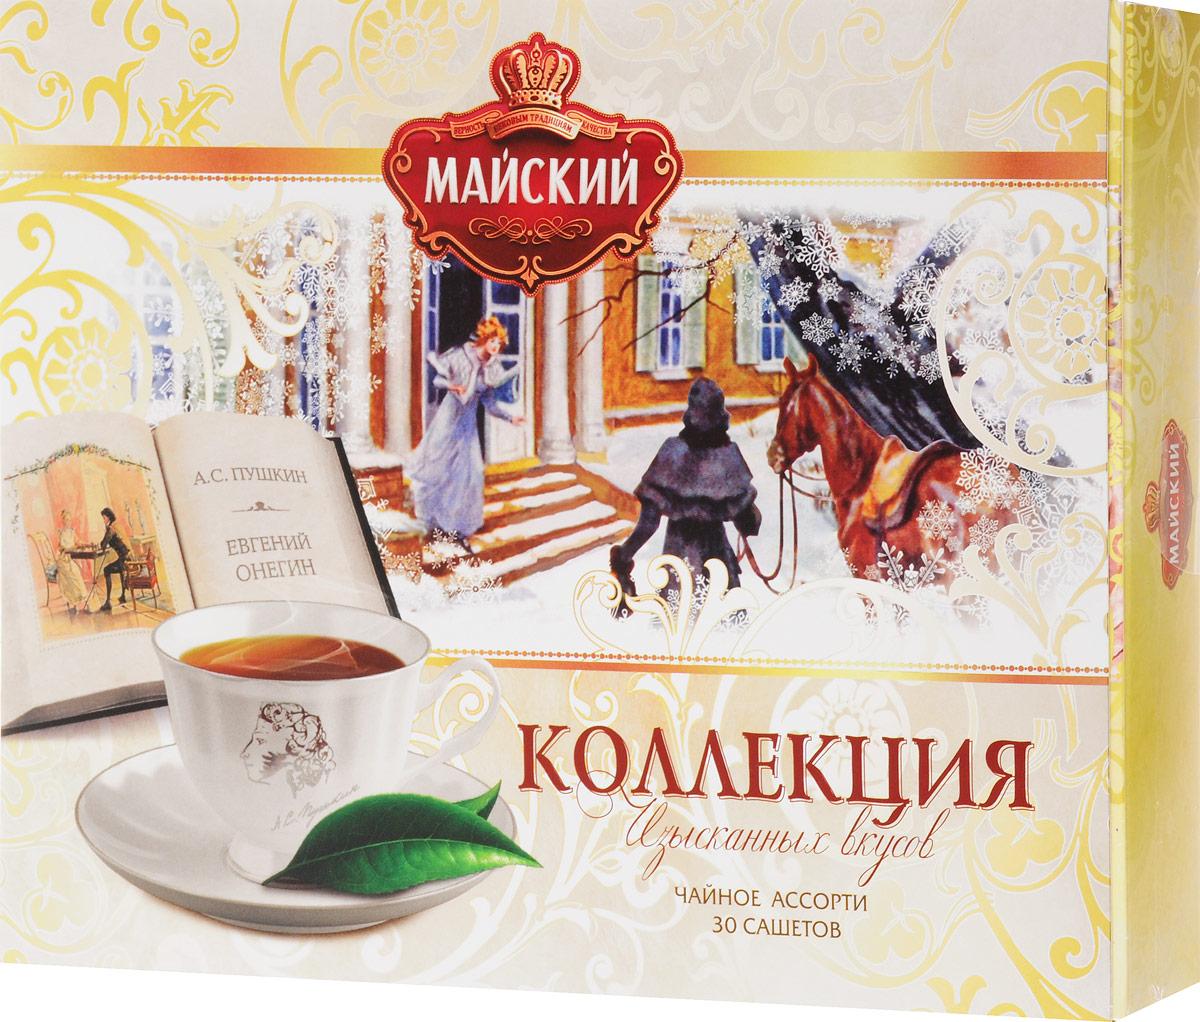 Майский Коллекция Изысканных вкусов Чайное ассорти черный чай в пакетиках, 30 шт114605Черный чай в пакетиках Коллекция Изысканных вкусов - уникальная коллекция вкусов чая Майский в изысканном подарочном формате упаковки. В набор входят: Благородный Цейлон: совершенство классики. Исключительный обволакивающий нежный вкус Высокогорного Цейлонского чая с выраженным цветочным ароматом. Ароматный бергамот: безупречное сочетание насыщенного черного чая и свежих цитрусовых ноток. Душистый чабрец: абсолютная гармония черного чая и летнего пряного аромата чабреца. Смородина с мятой: волнующее сочетание вкуса черного чая, сочной спелой смородины и натуральной мяты. Пряный Восток: насыщенный вкус черного чая с пряными нотками кардамона и согревающим ароматом корицы.